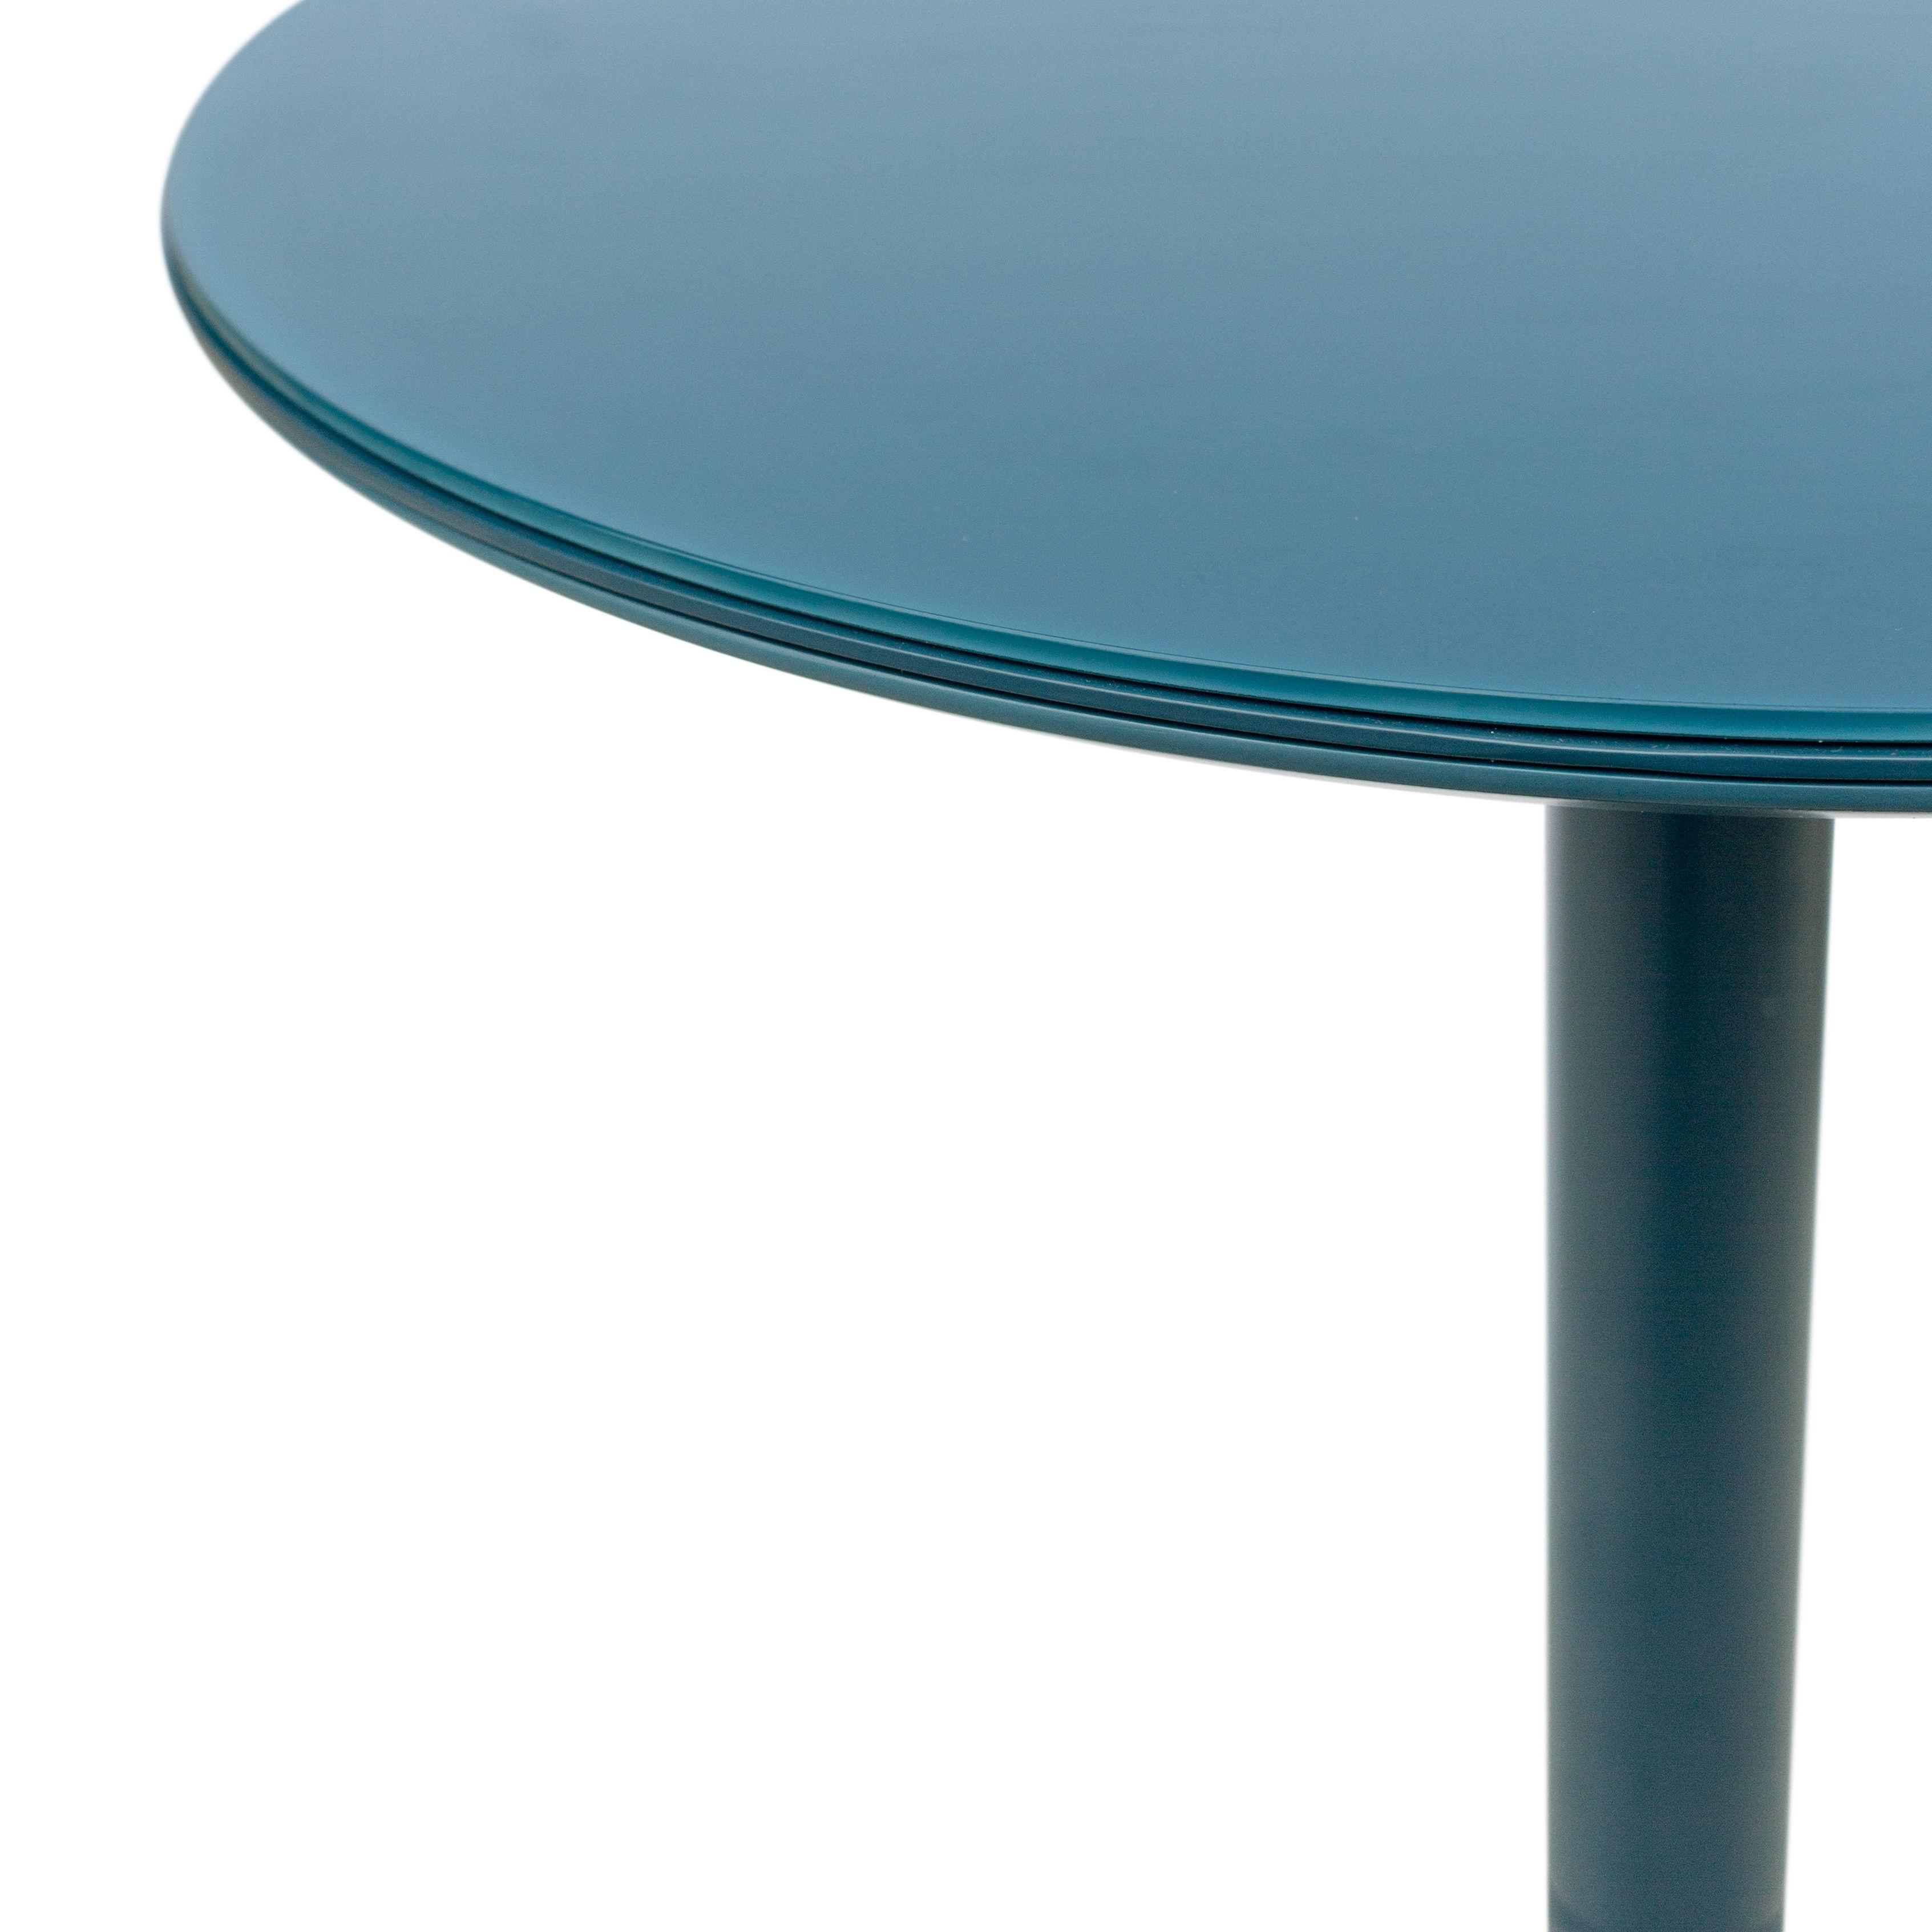 Jagger Bistro Tables - Teal